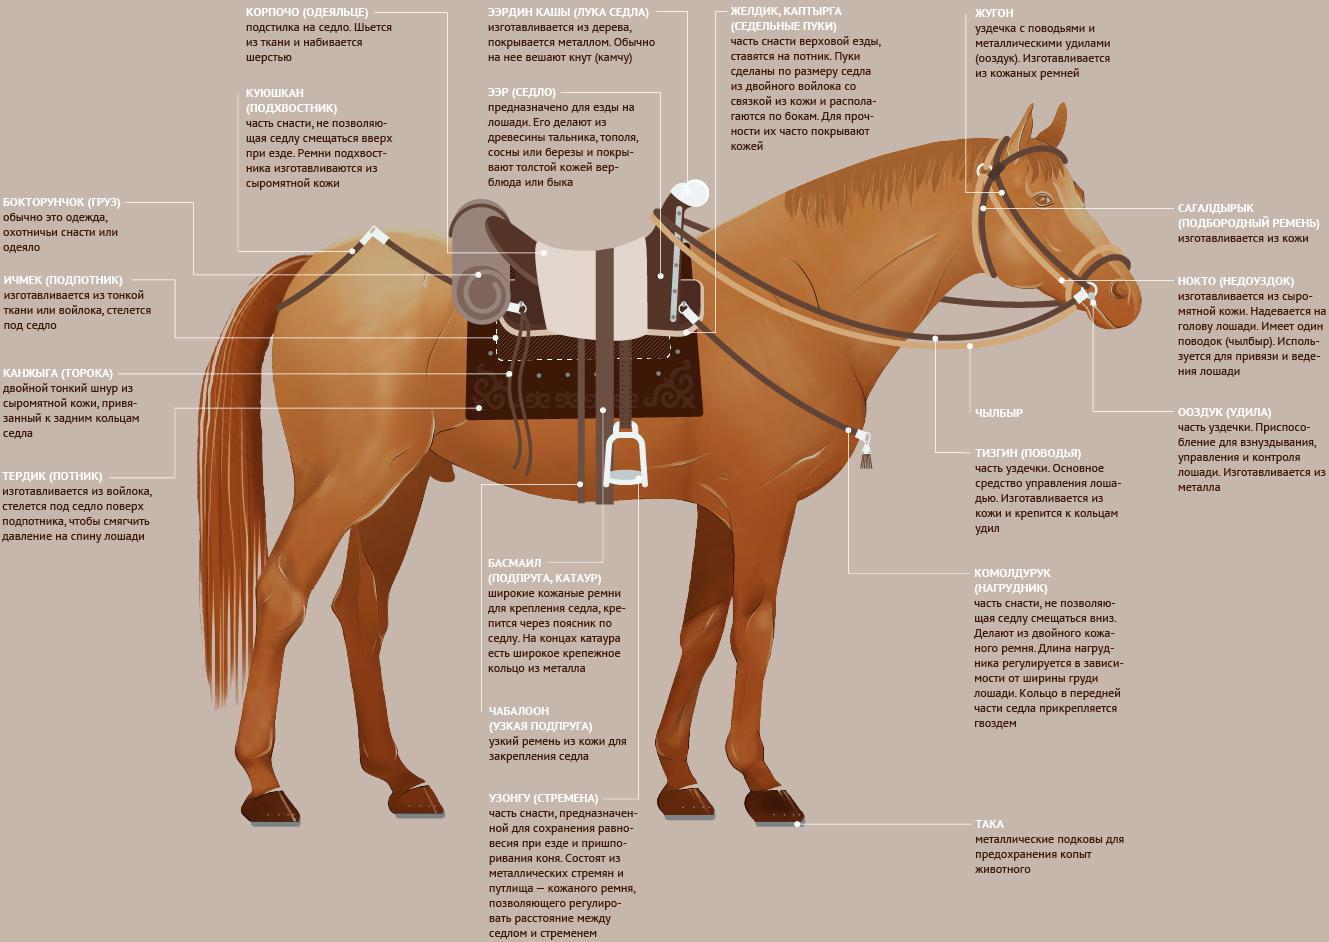 детали снаряжения кыргызской лошади